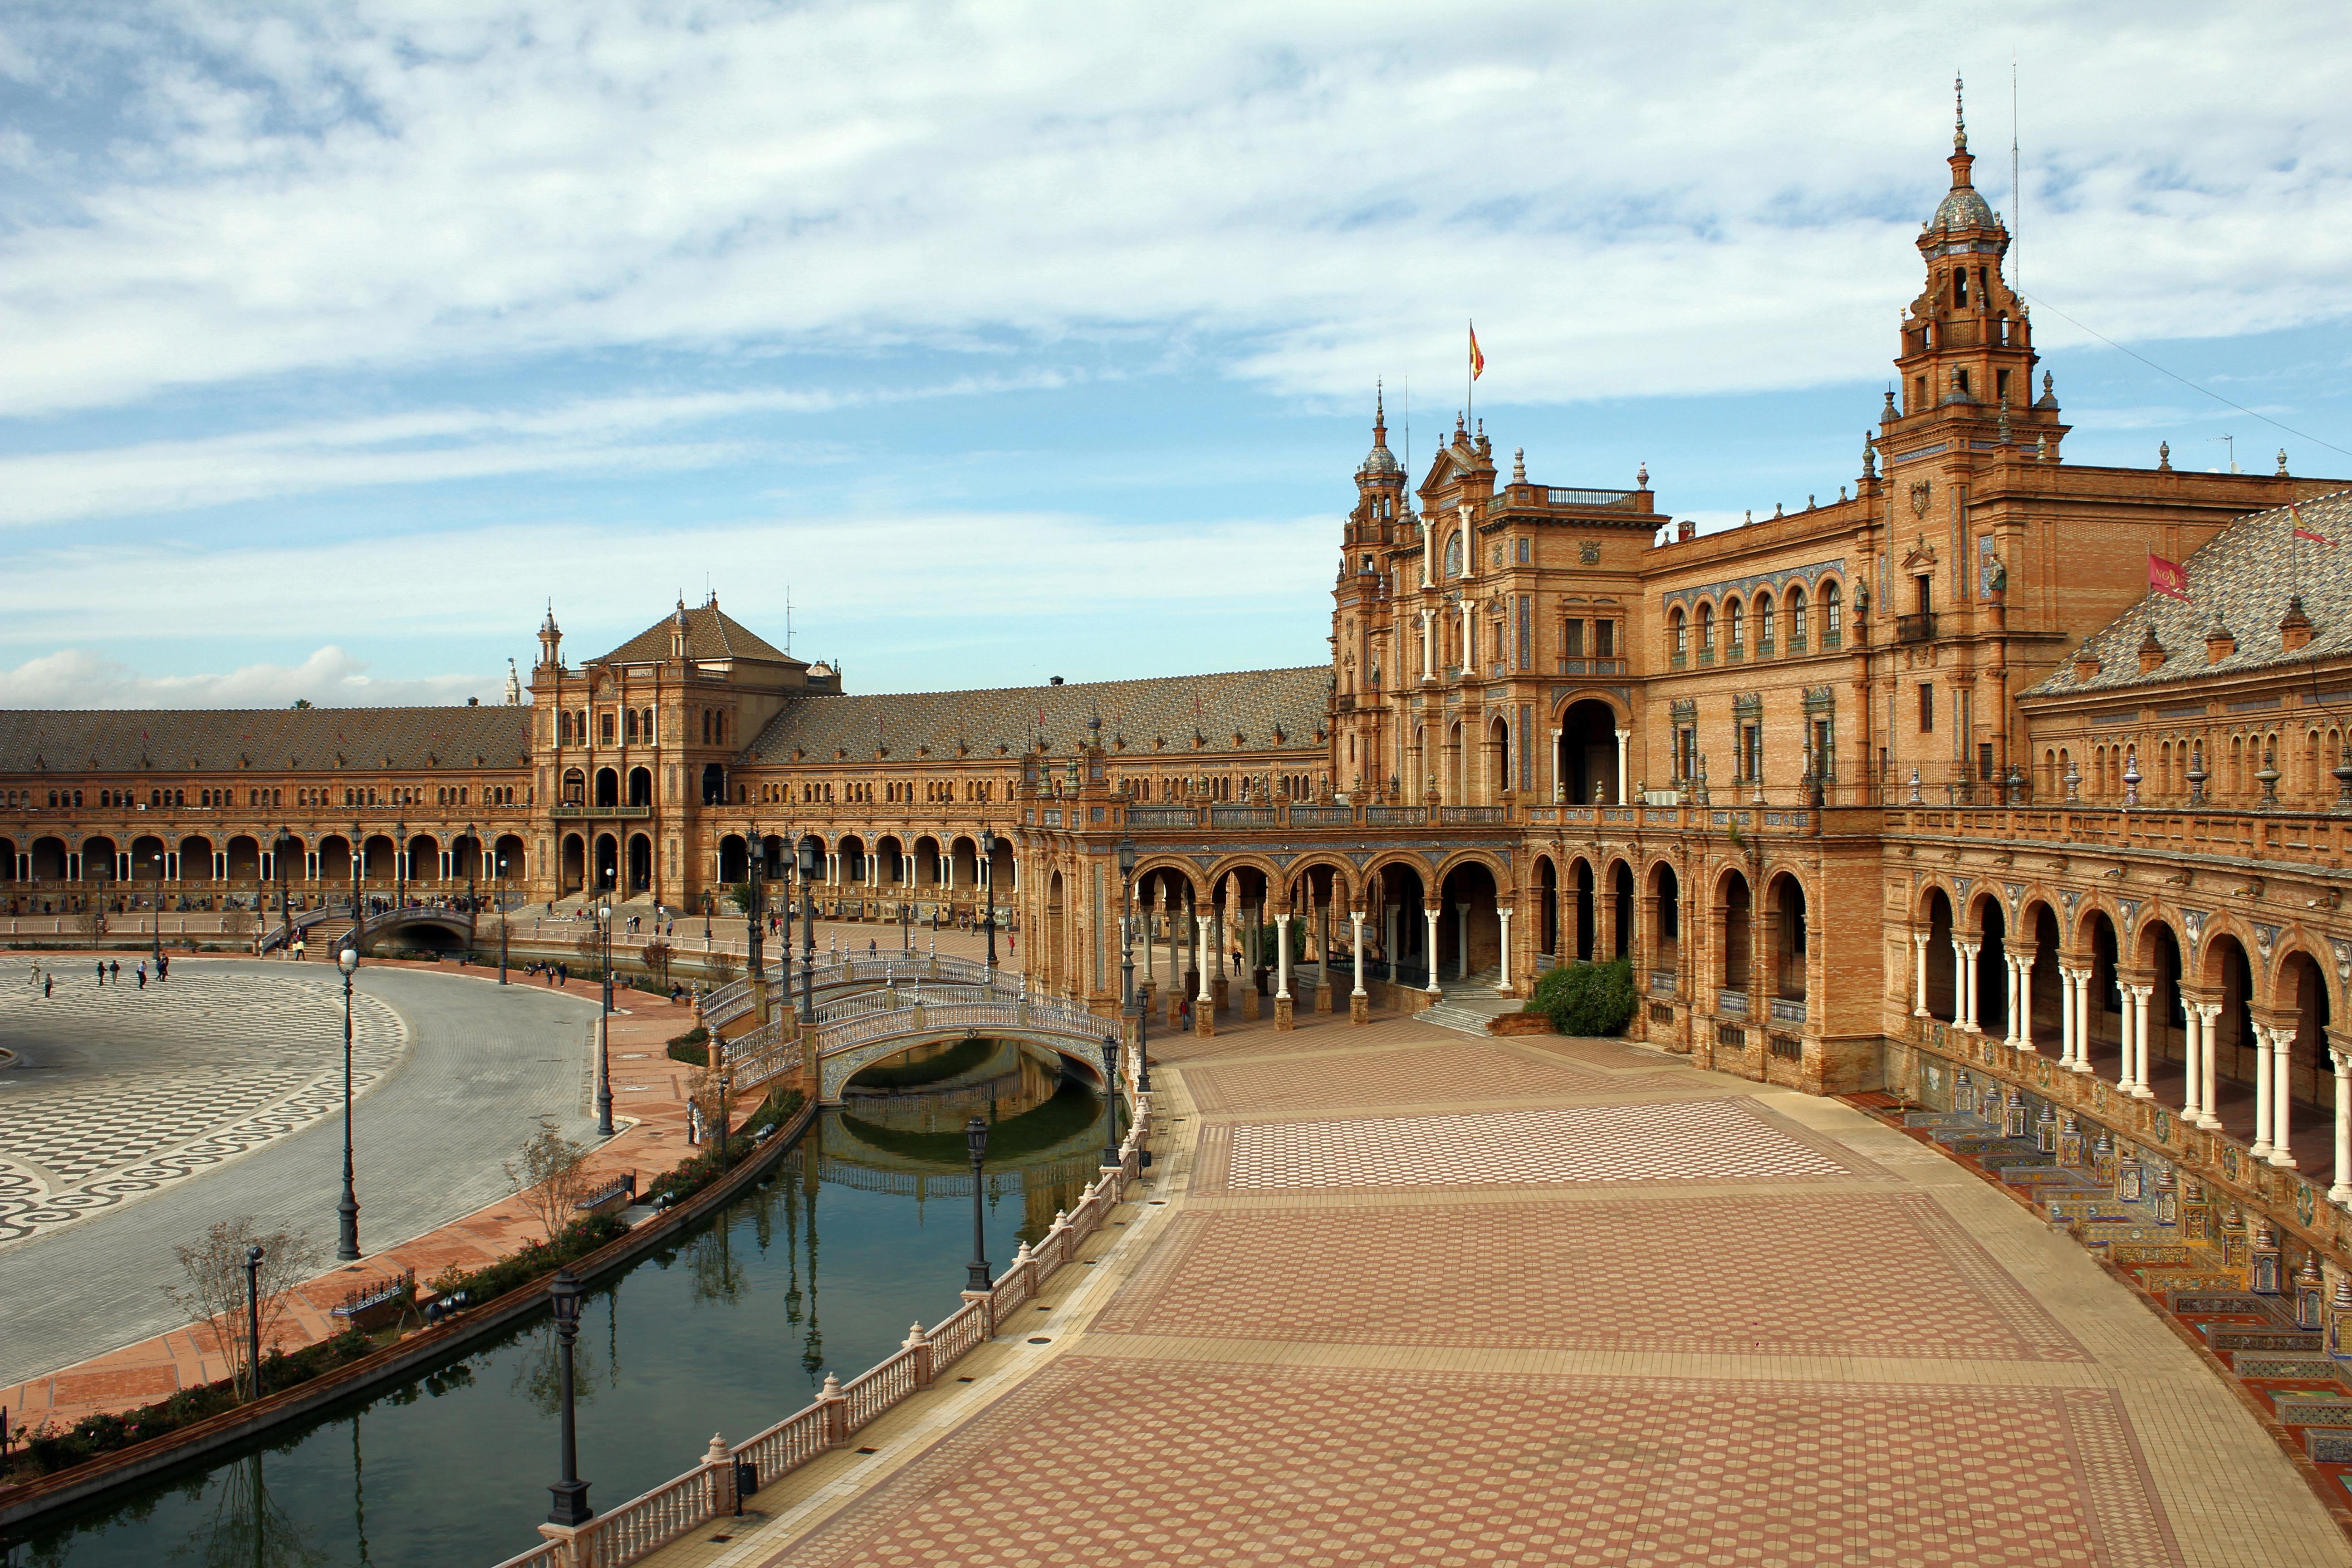 Fotografía de la plaza España en la ciudad andaluza de Sevilla, donde predomina el color marrón y el cielo está despejado